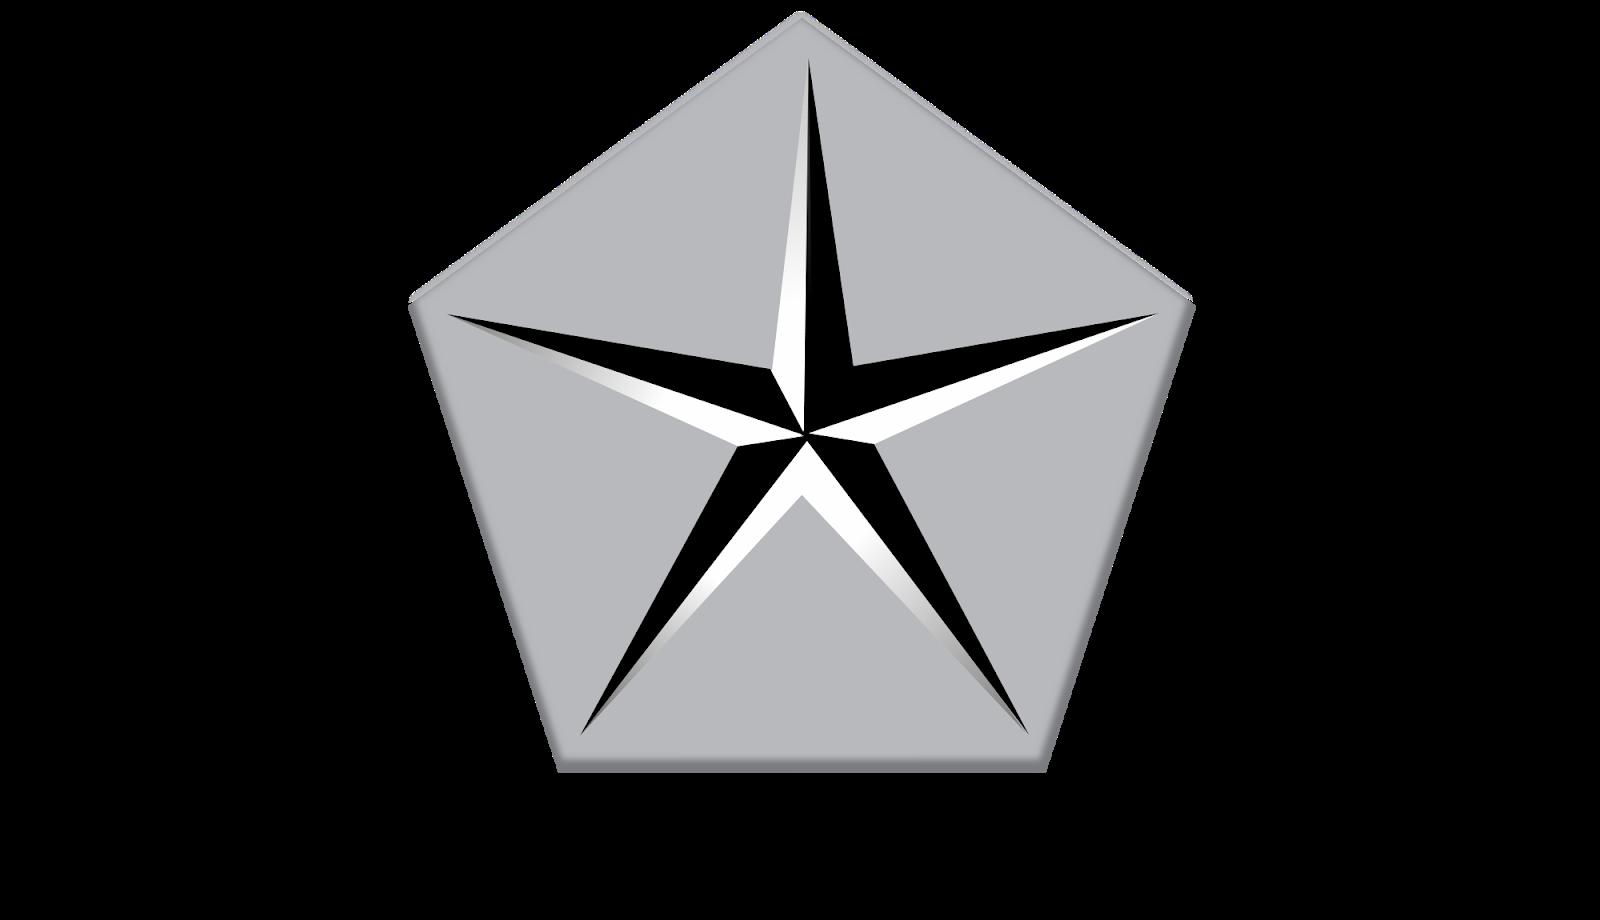 Chrysler Logo Wallpaper